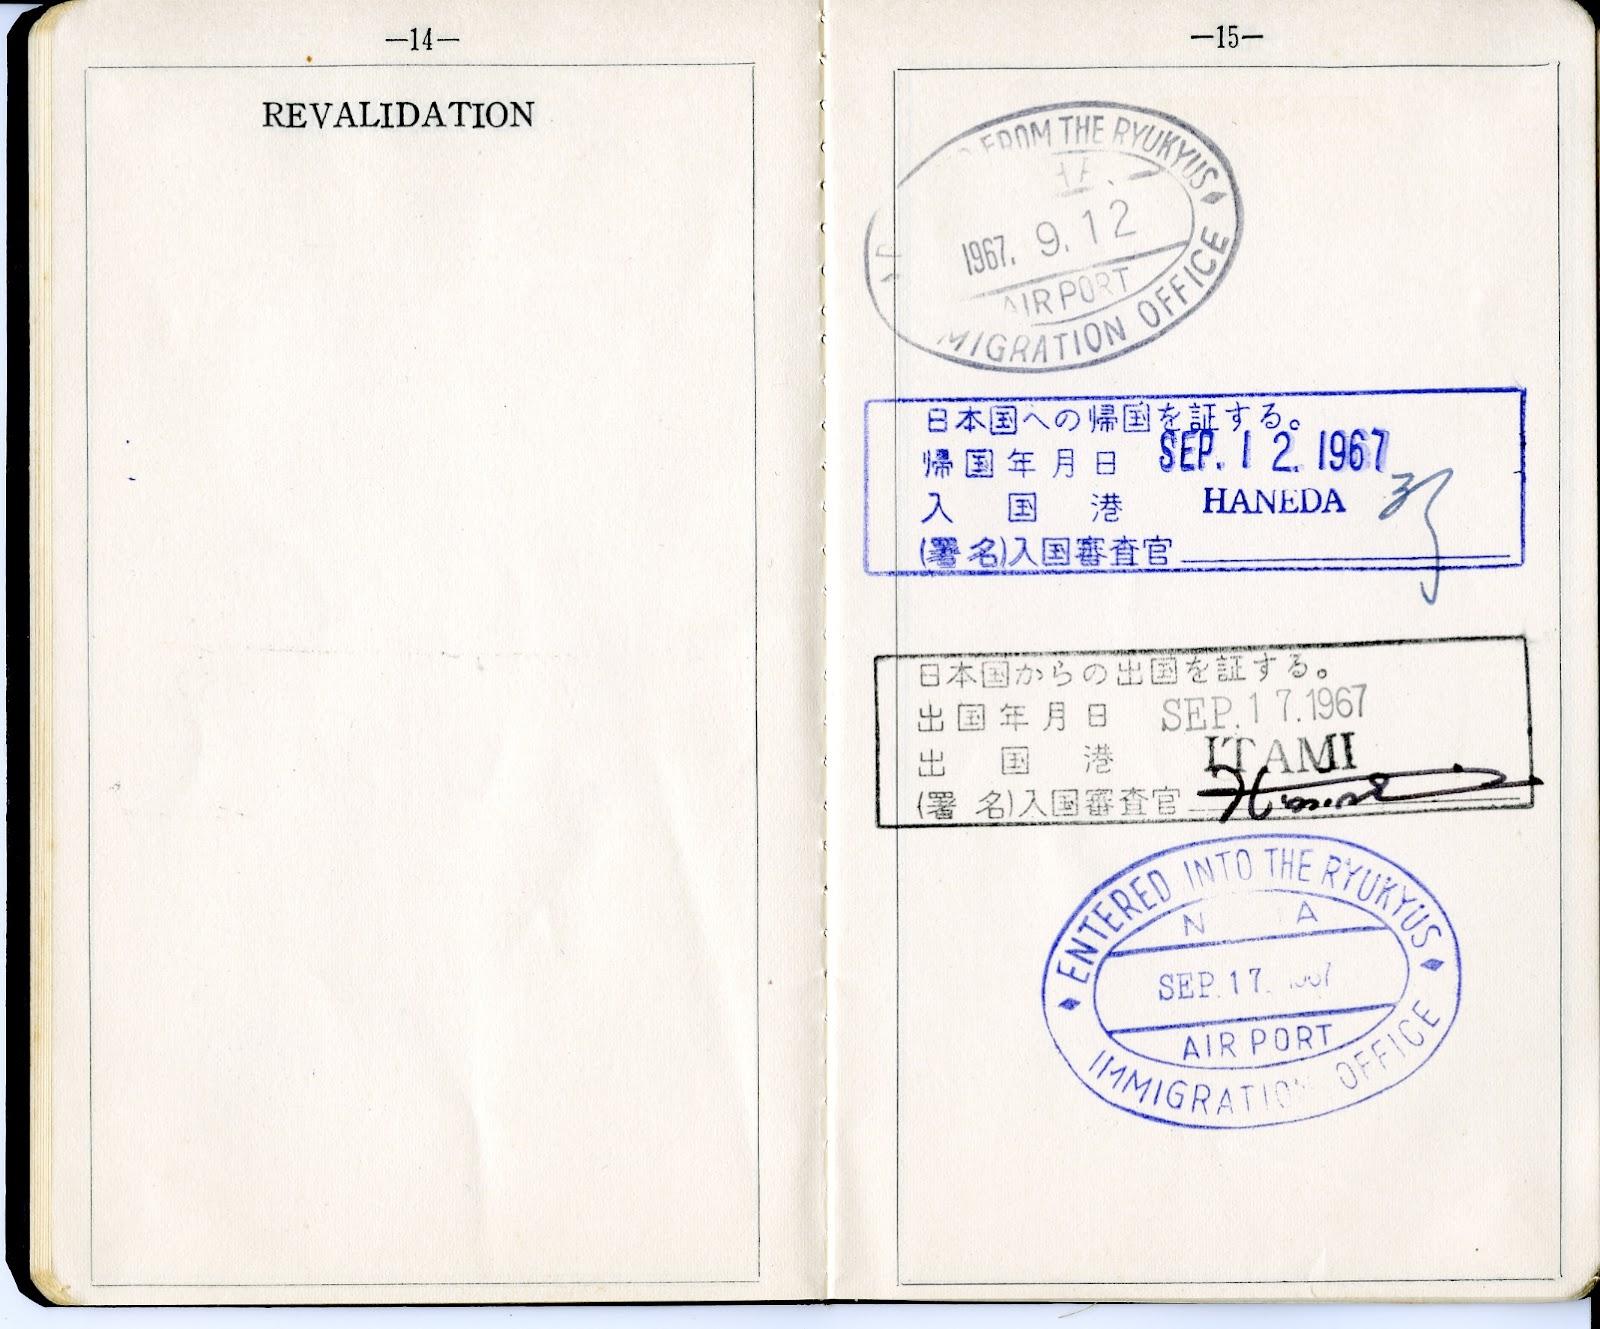 「日本旅行証明書 沖縄 」の画像検索結果